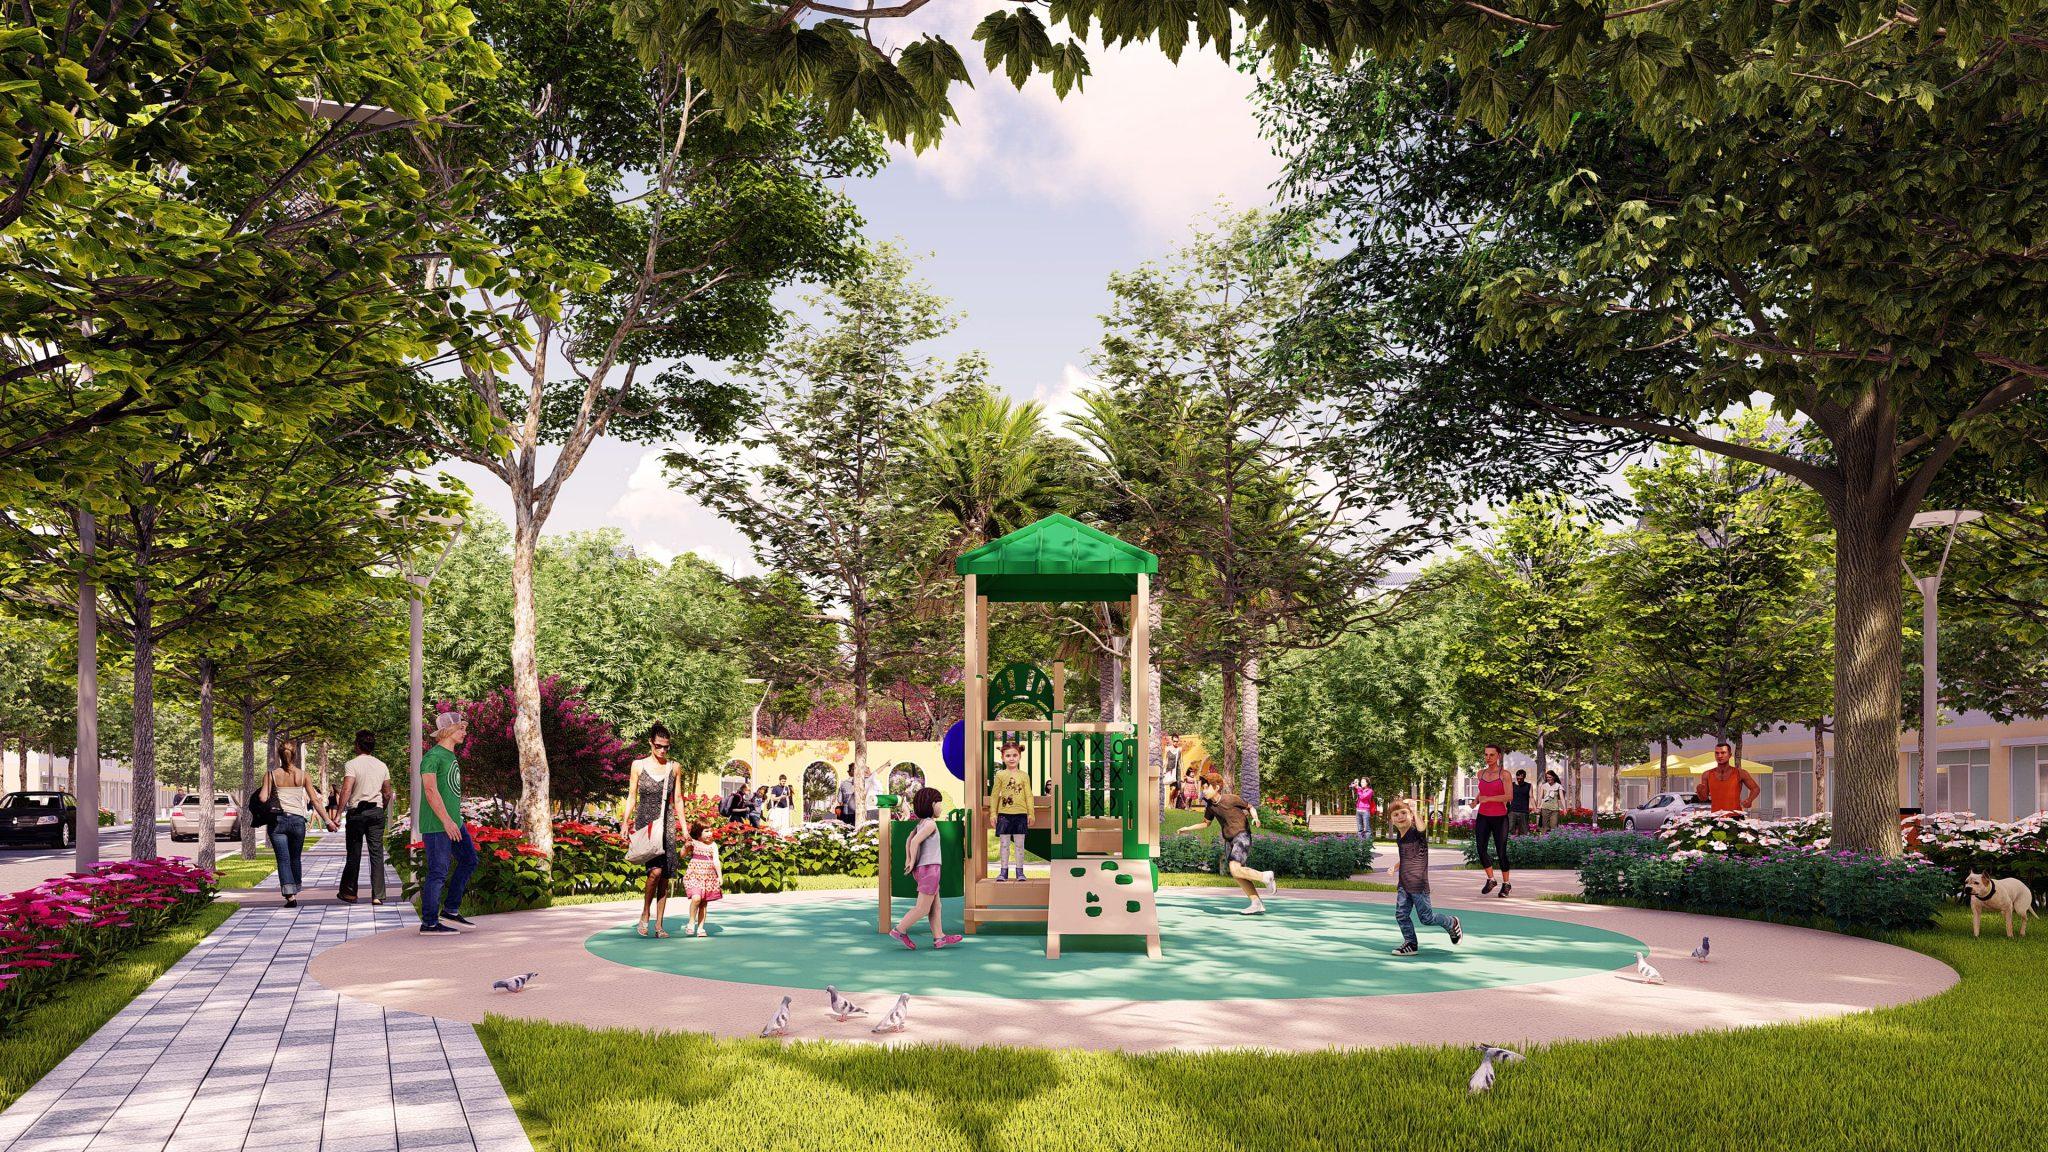 thiết kế cảnh quan công viên areca